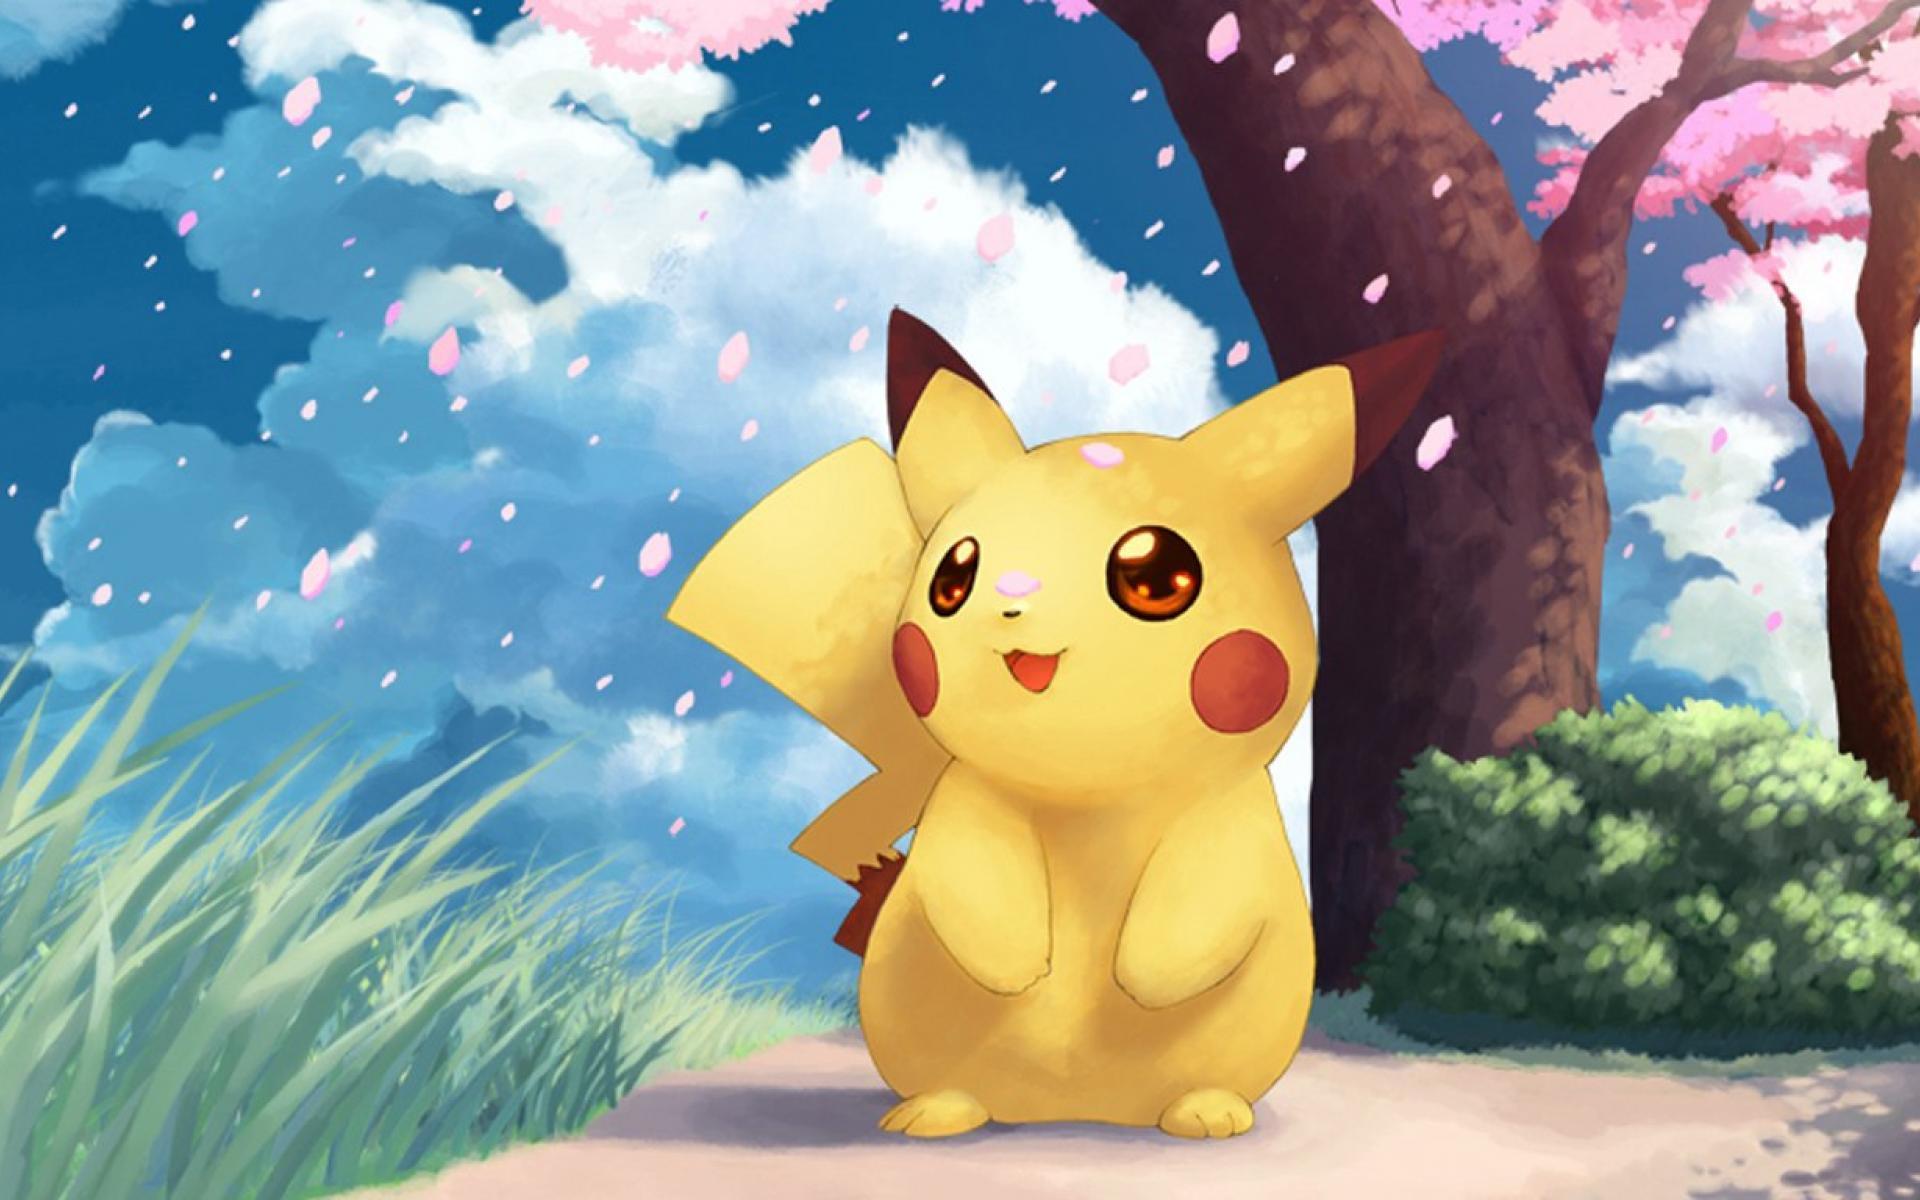 1920x1200 Nền Pokemon Pikachu Cave trên hình ảnh dễ thương nhất Full HD